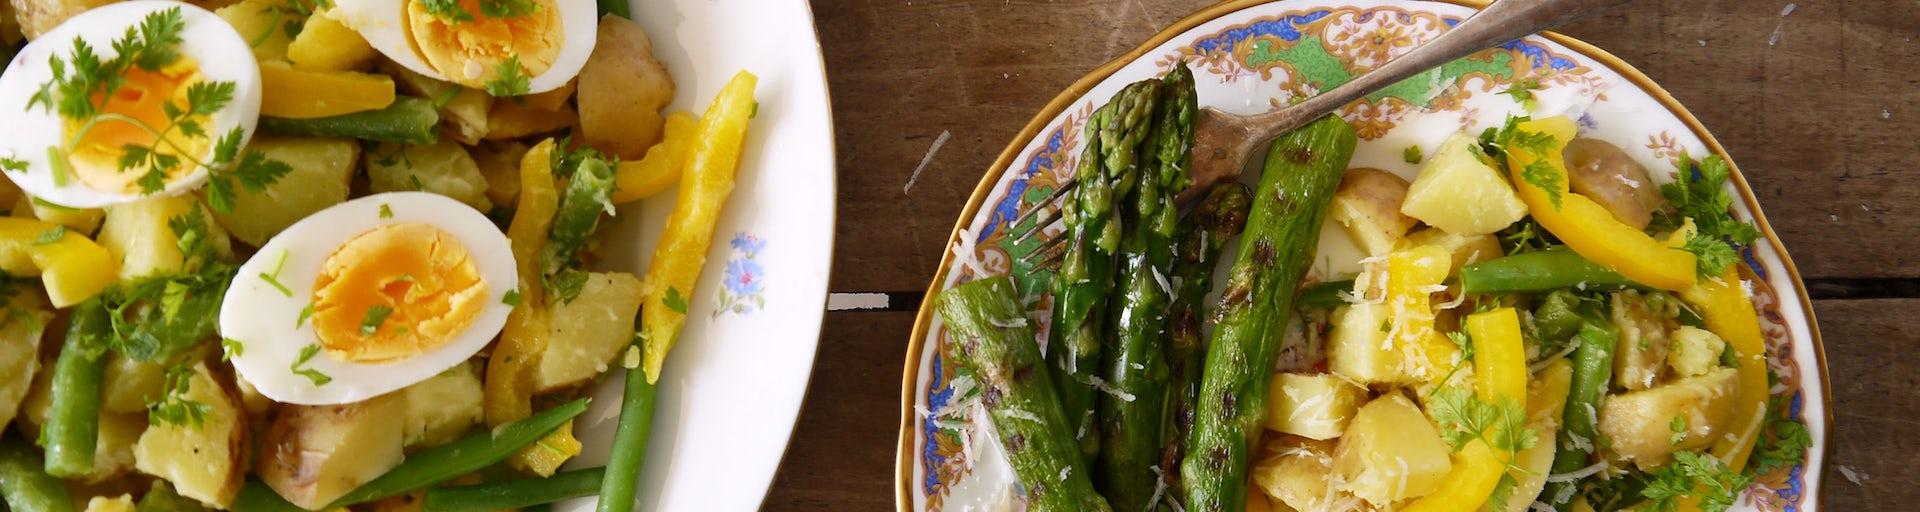 3139 Aardappelsalade Van Opperdoezer Ronde Met Gegrilde Groene Asperges En Parmezaan